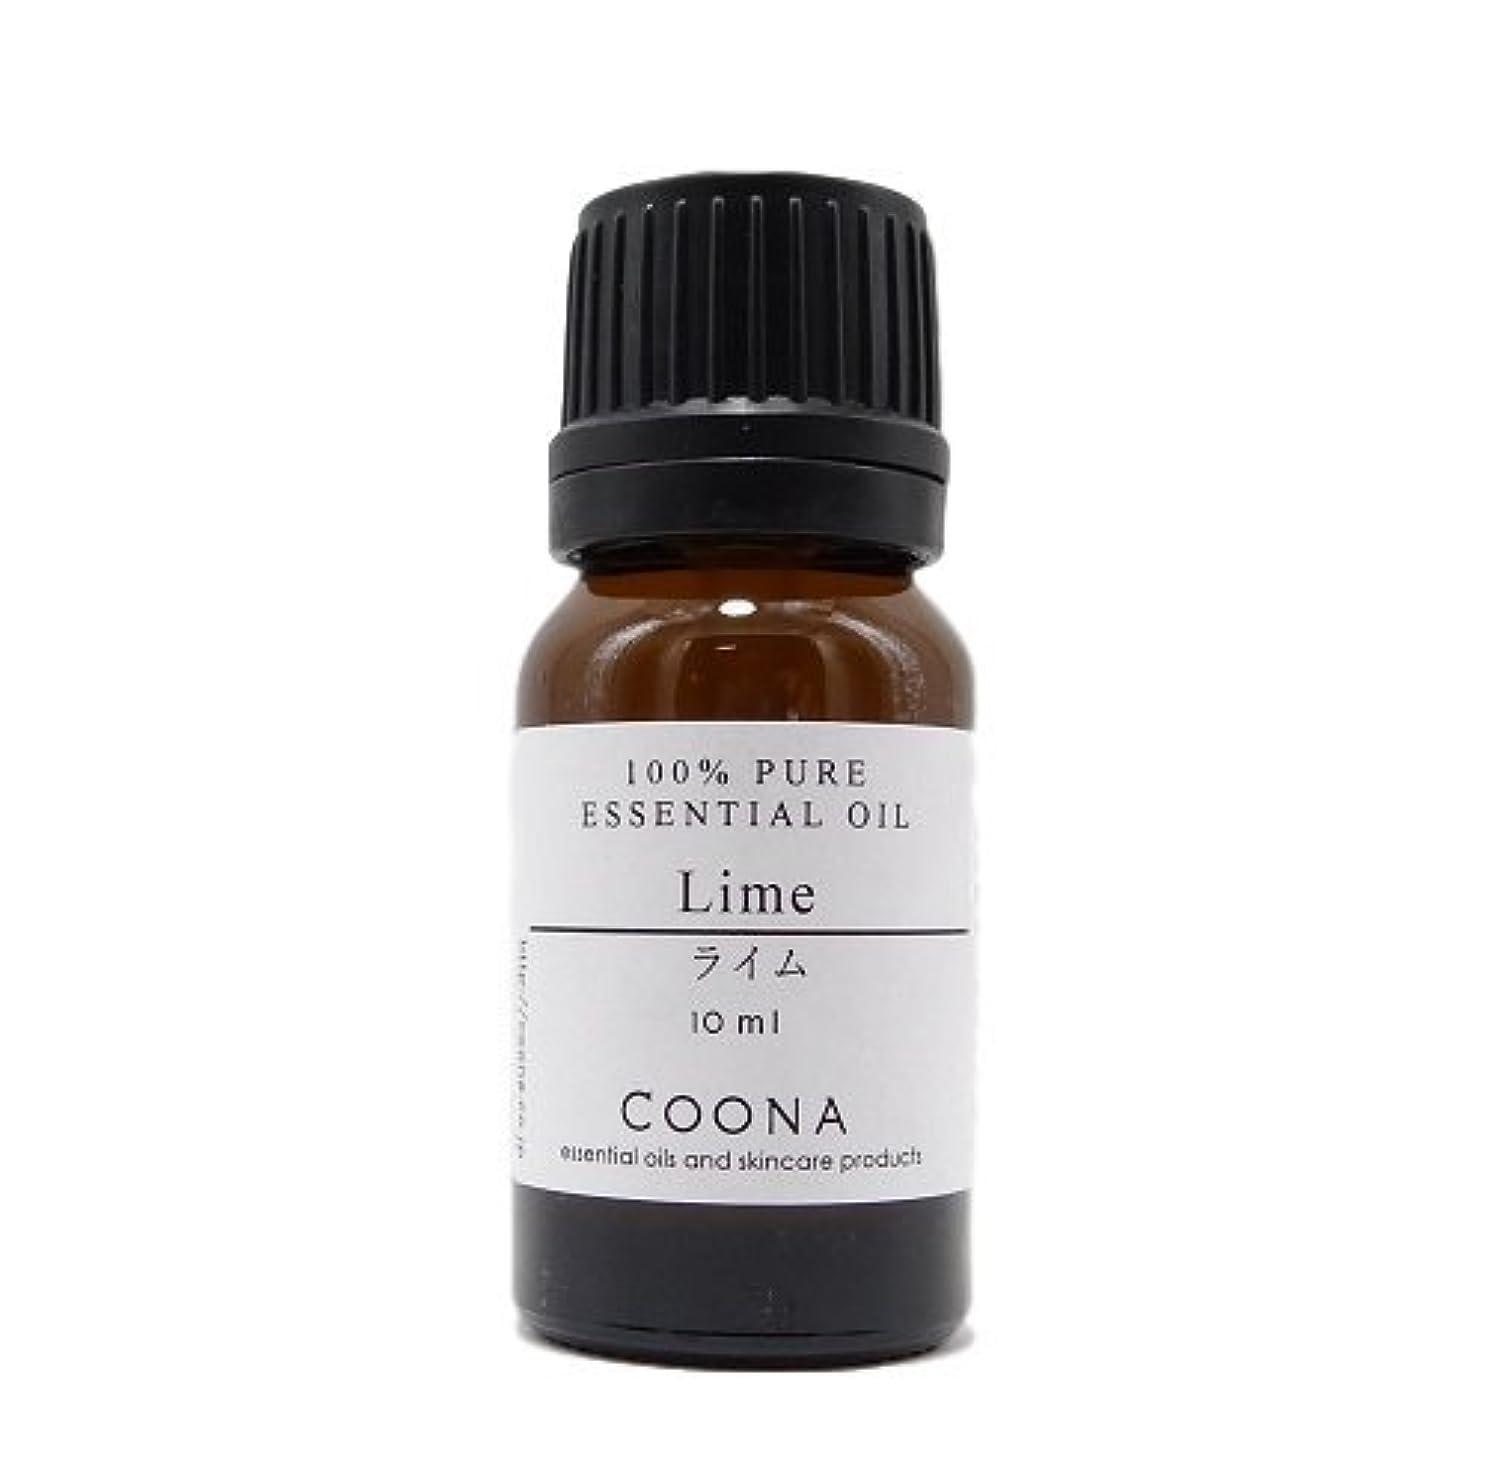 人差し指助けになる急ぐライム 10 ml (COONA エッセンシャルオイル アロマオイル 100%天然植物精油)